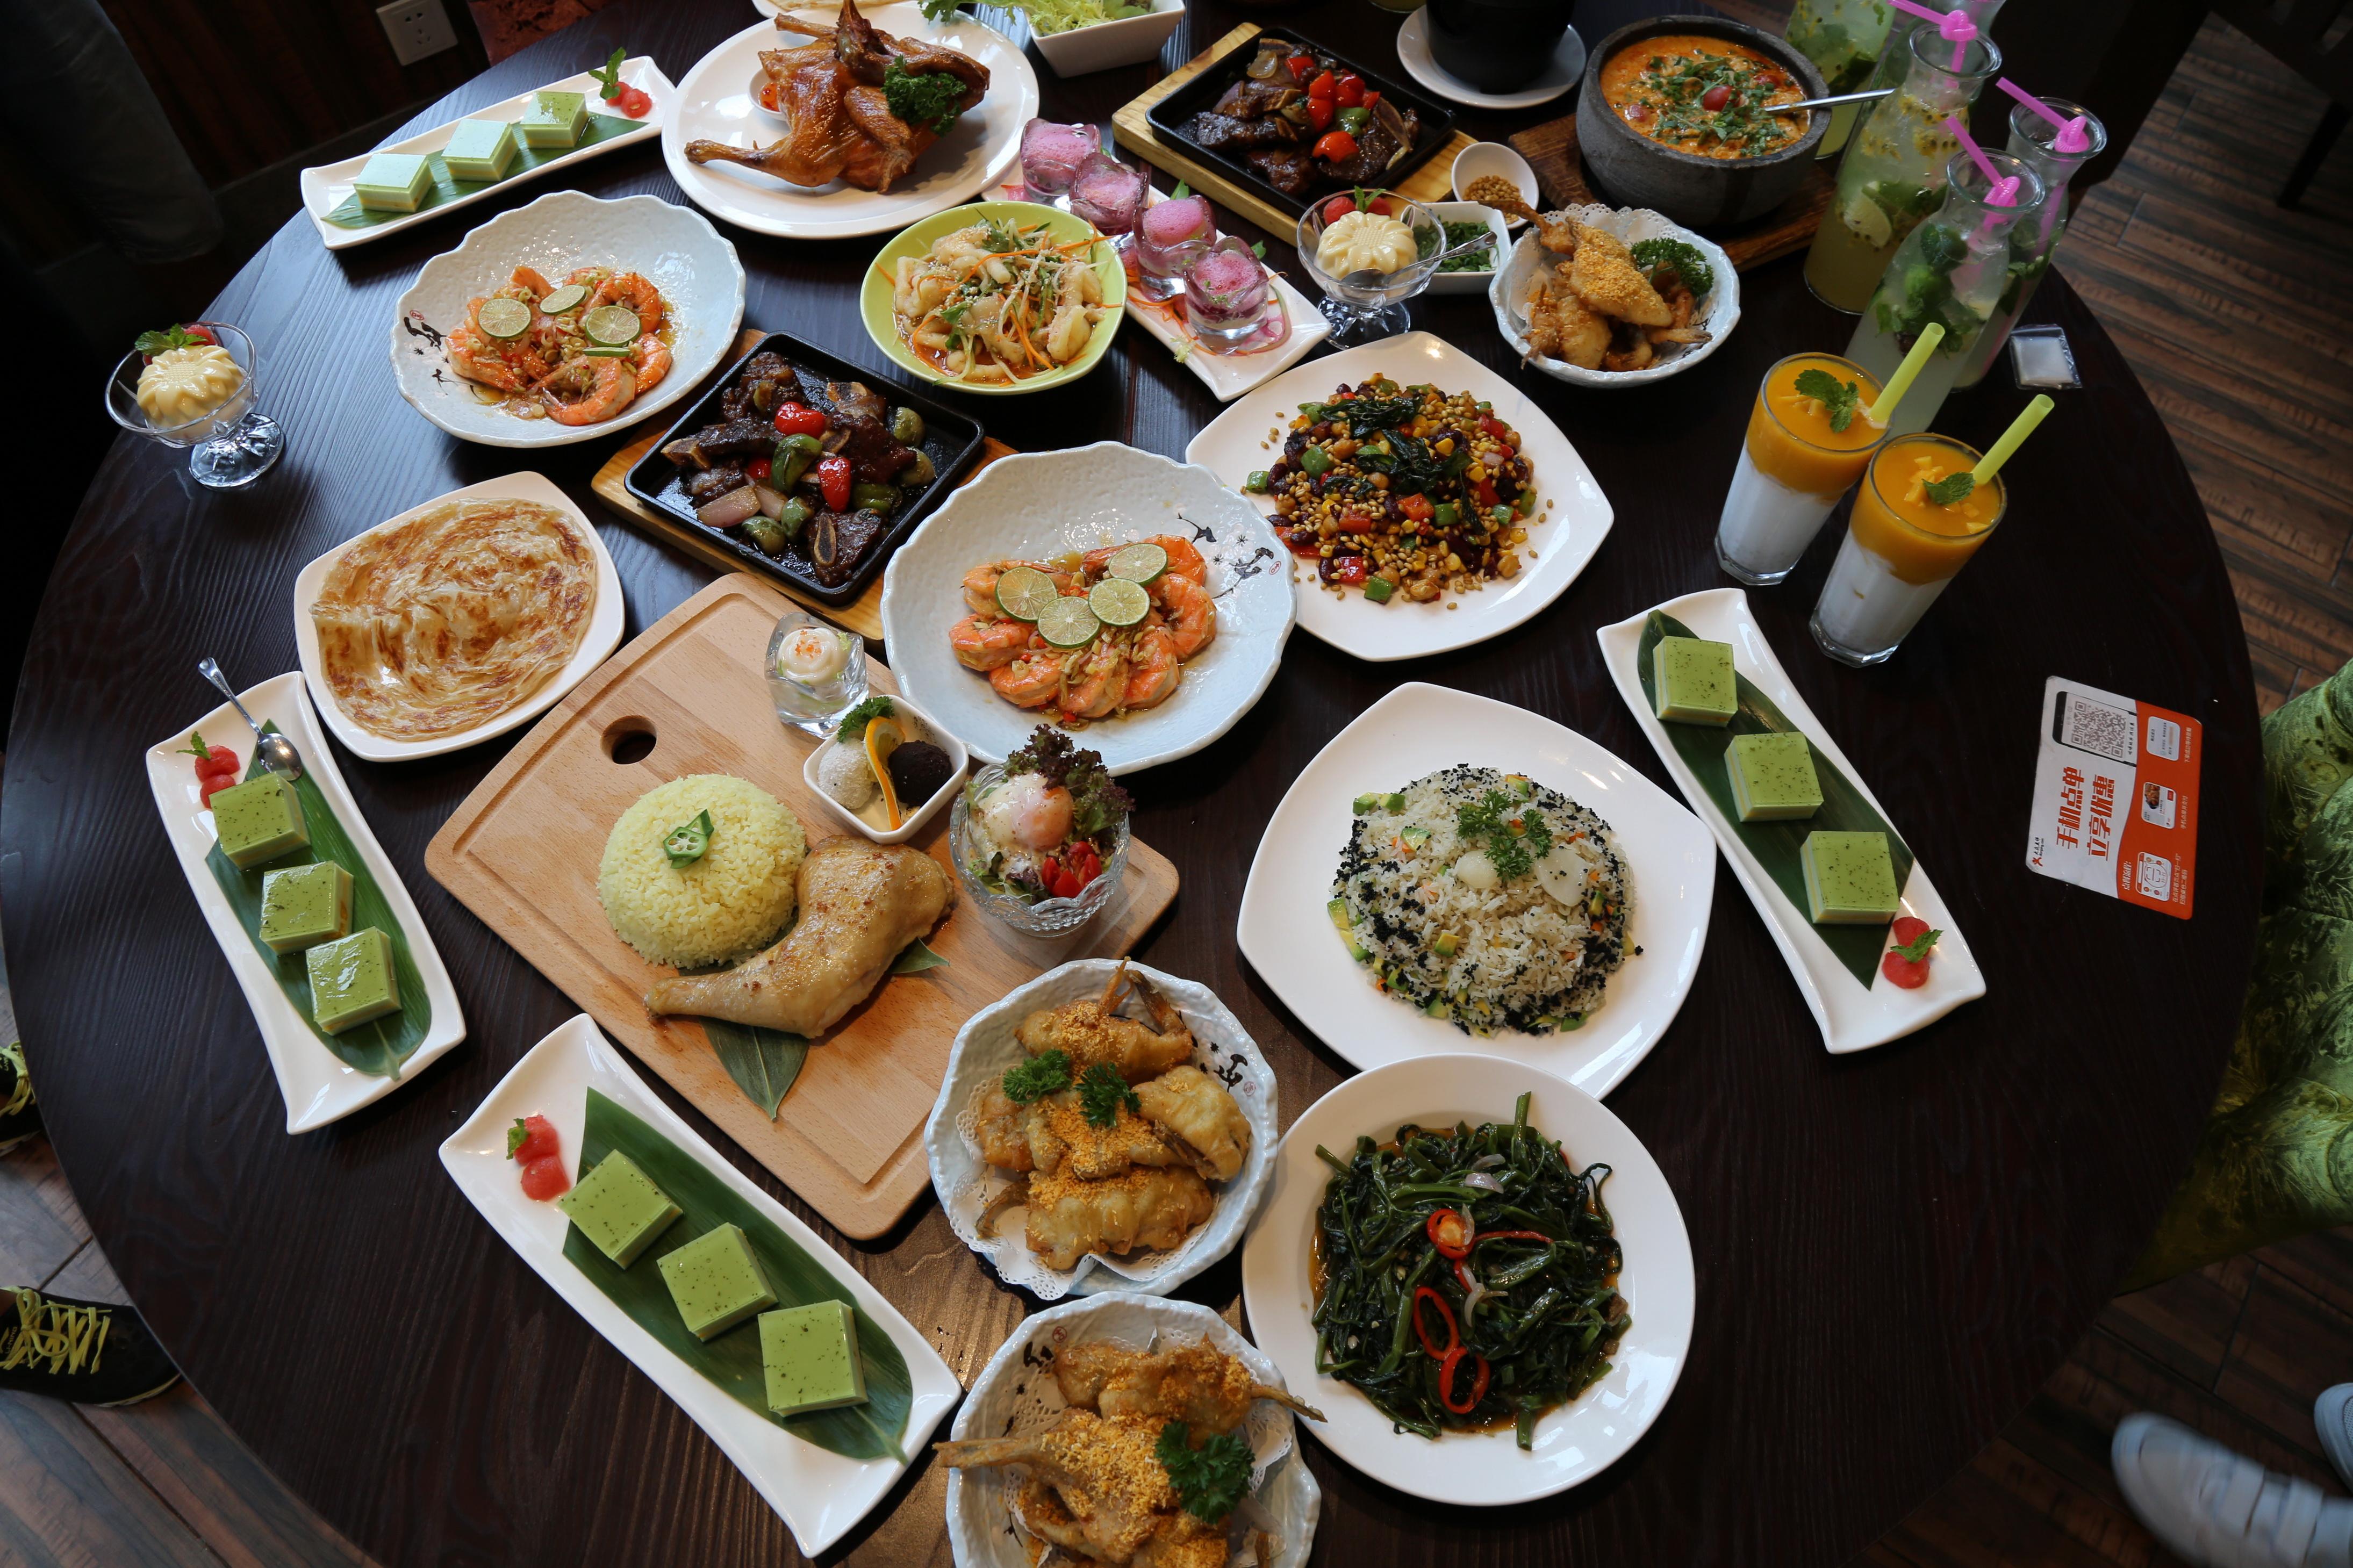 【喜欢】她很相聚吃湛江菜,却从不去新马泰小吃美食图片泰国图片